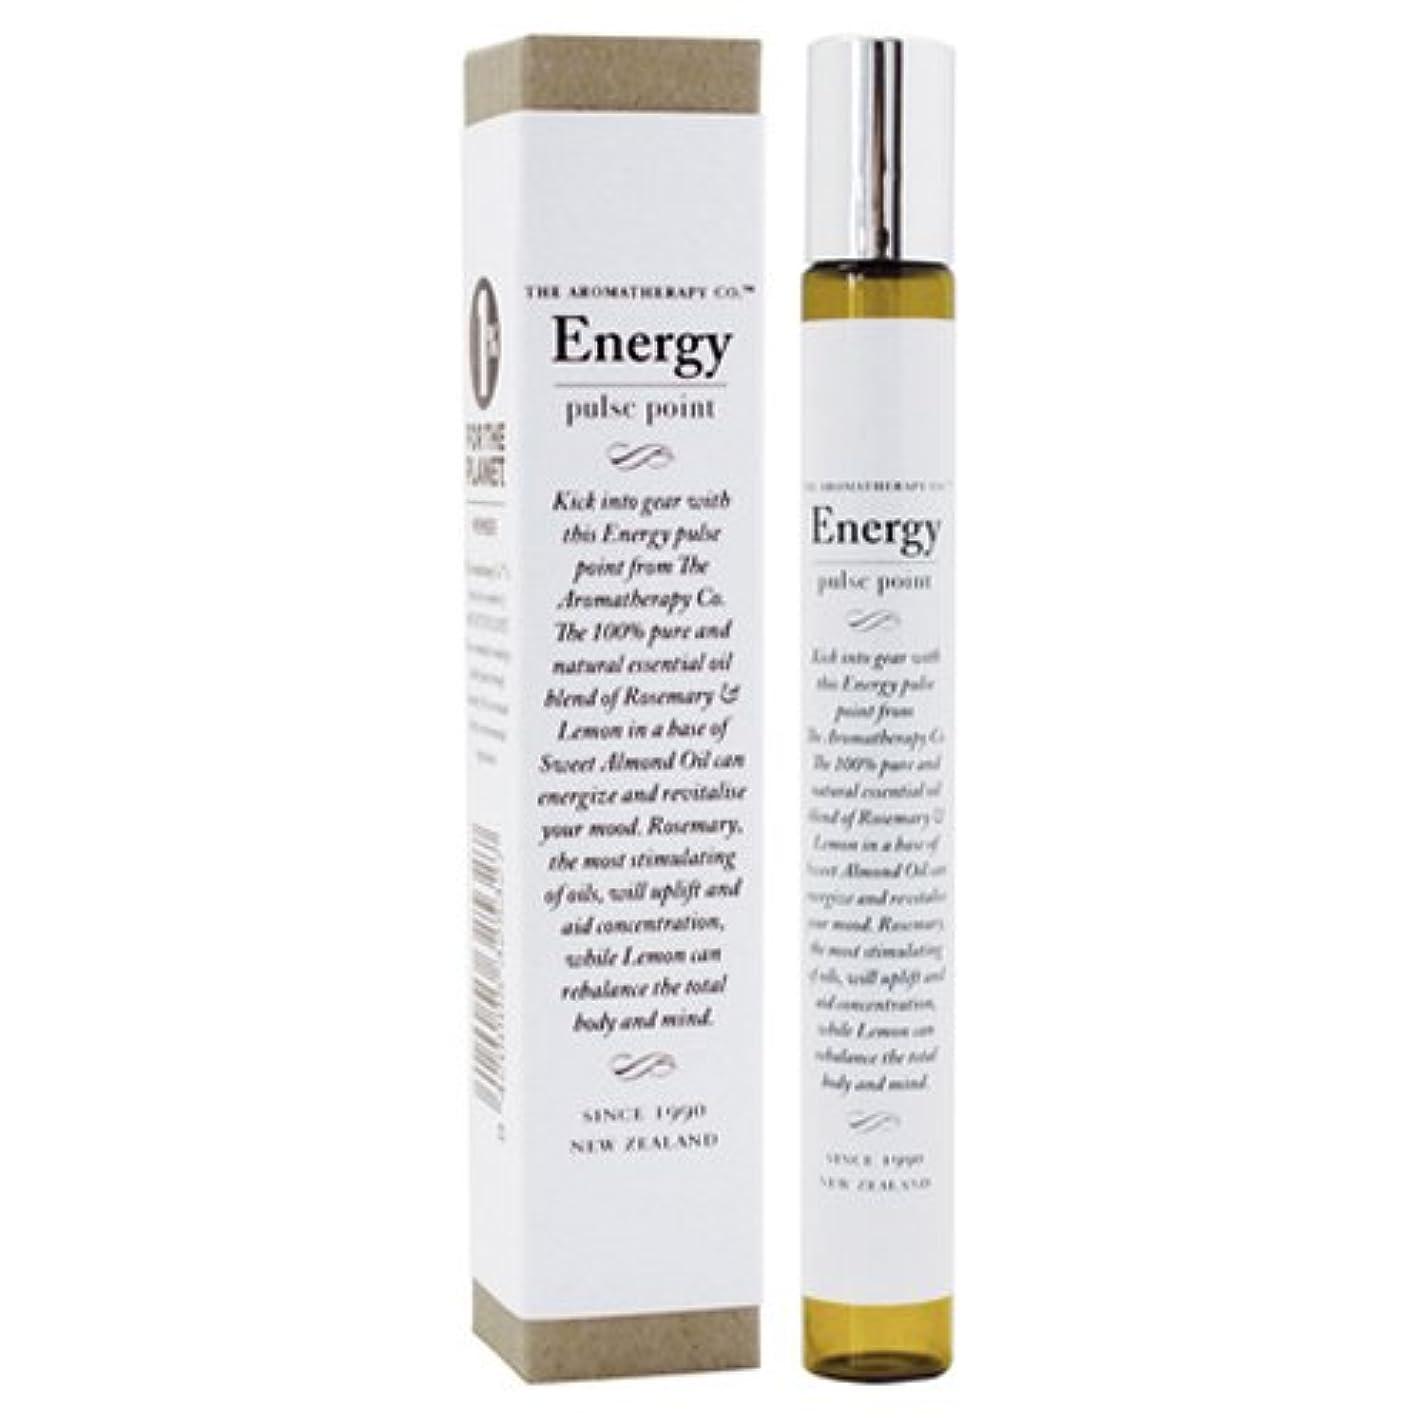 他にコアガムアロマセラピーカンパニー Therapy Range セラピーレンジ パルスポイント エナジー ロールオンパフューム Energy